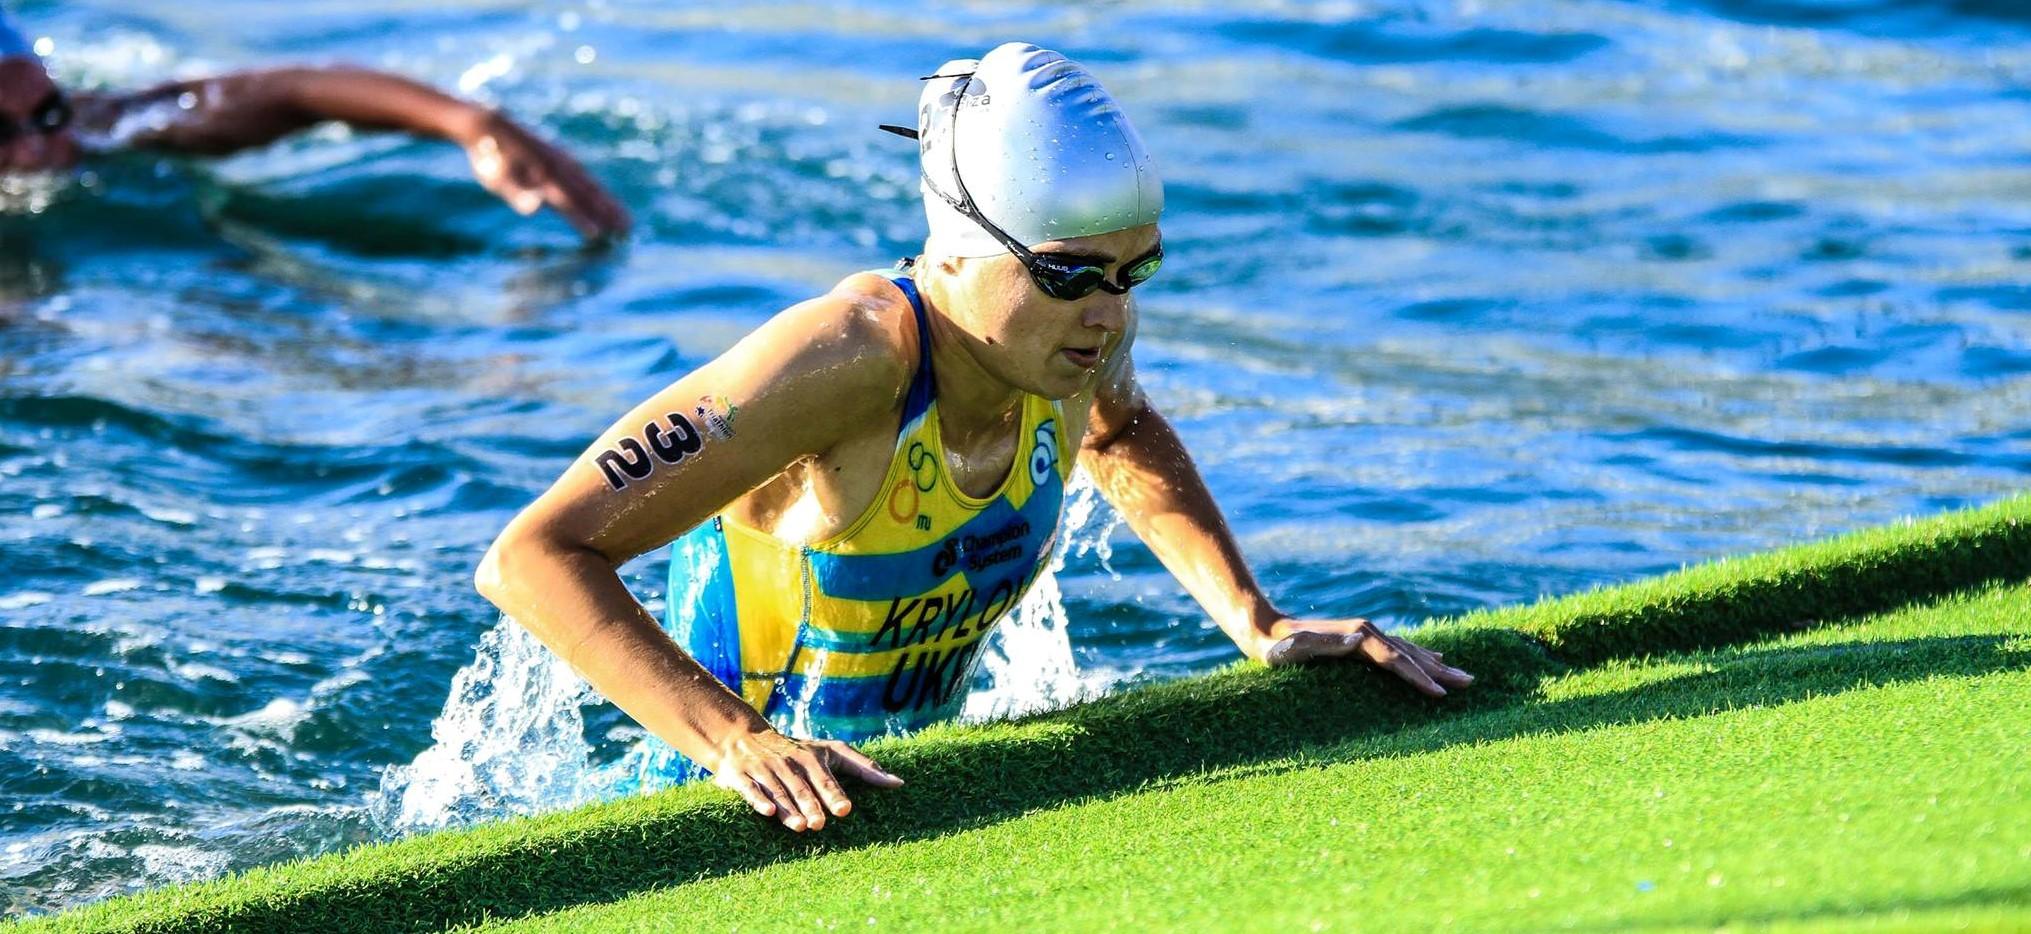 Маргарита Крилова перемогла на чемпіонаті Вірменії з плавання!